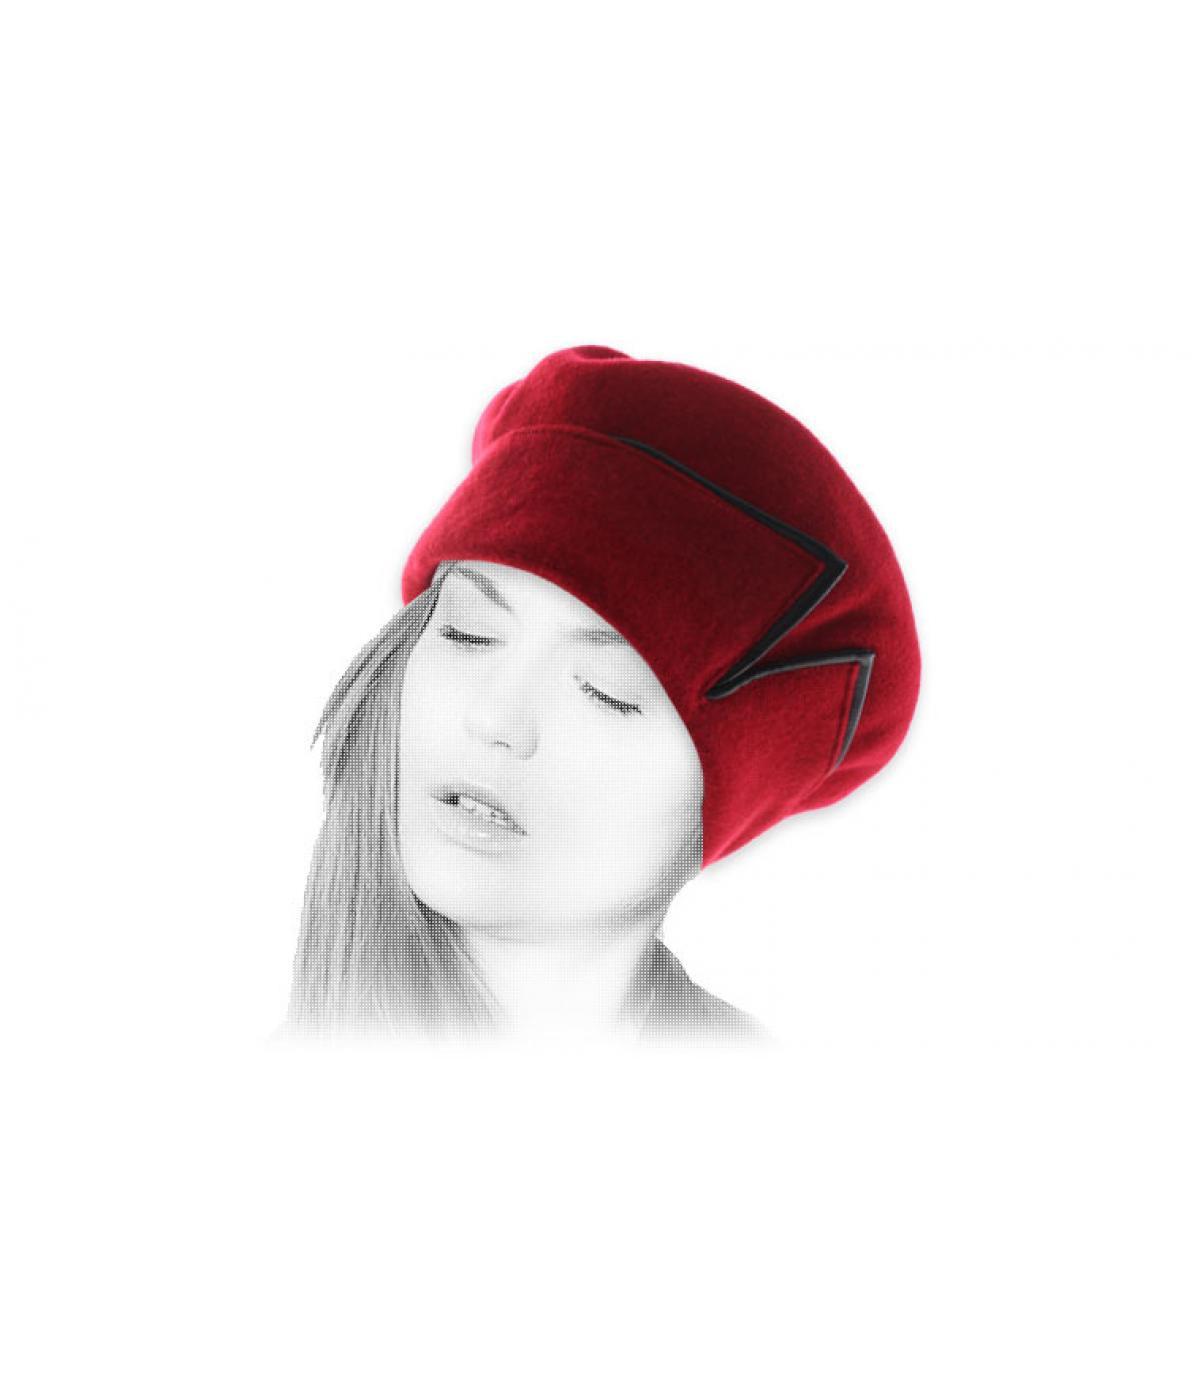 rode baret zwart lederen manchet